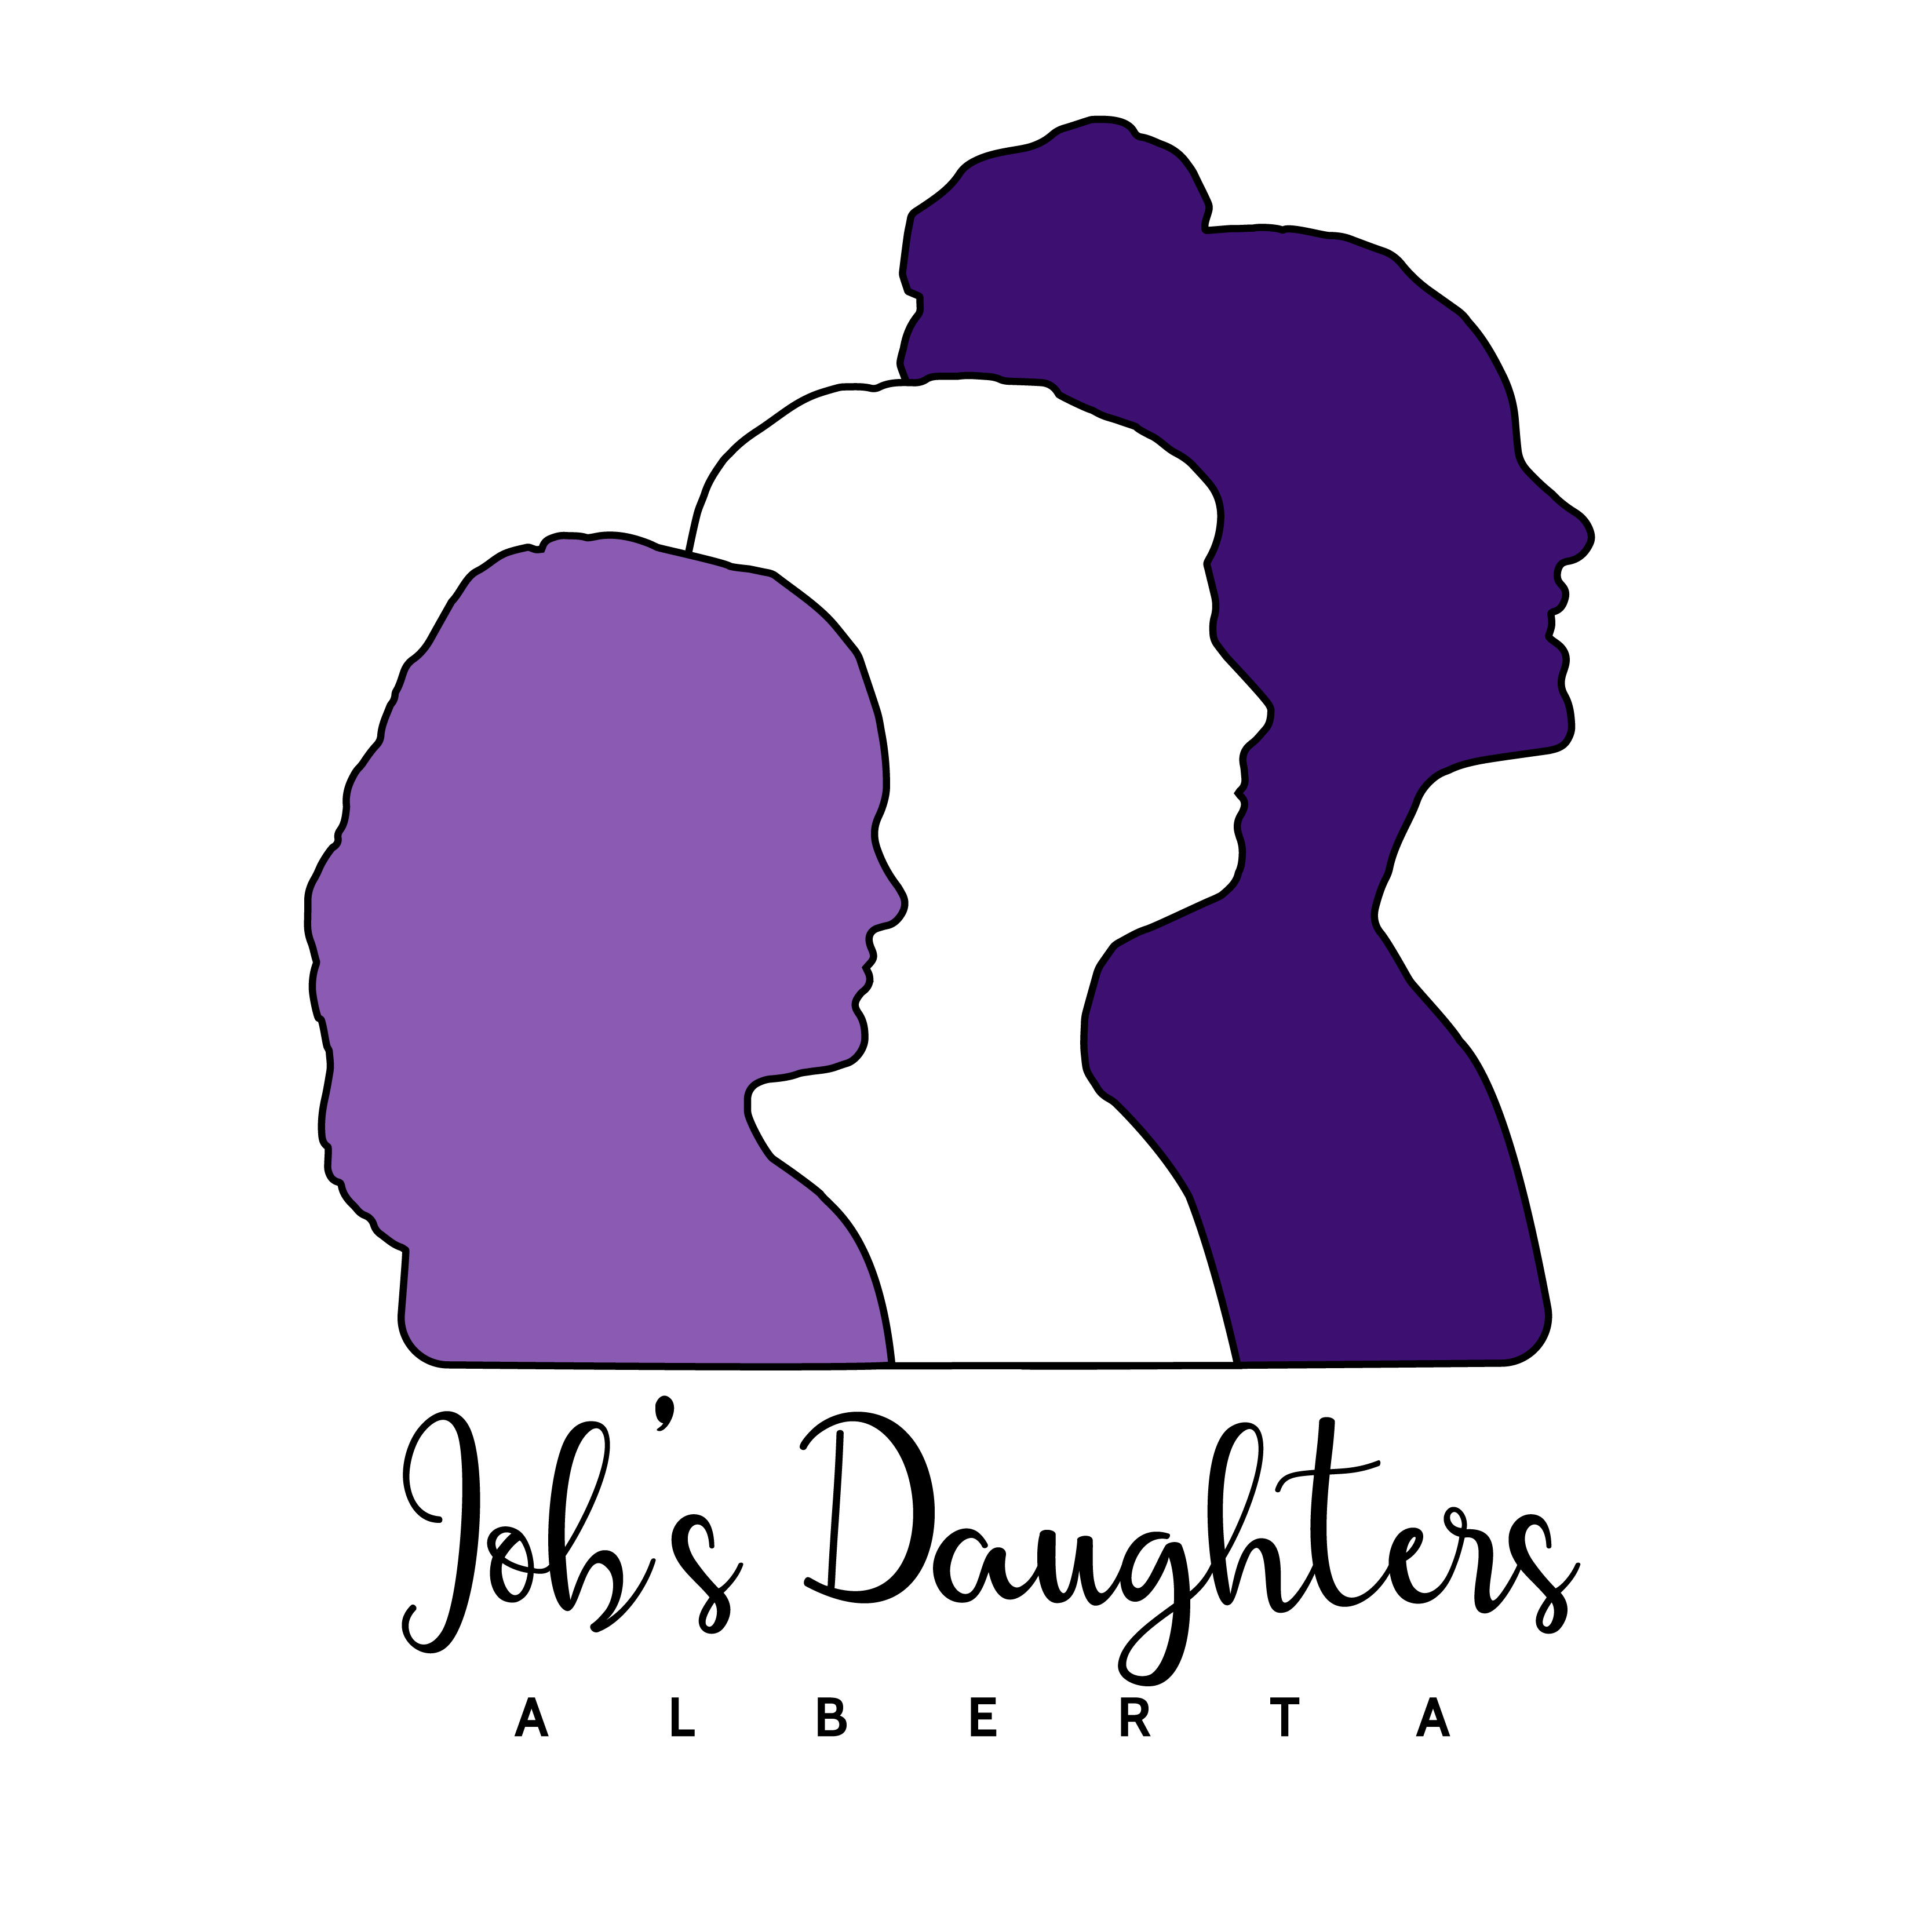 Jobs Daughter